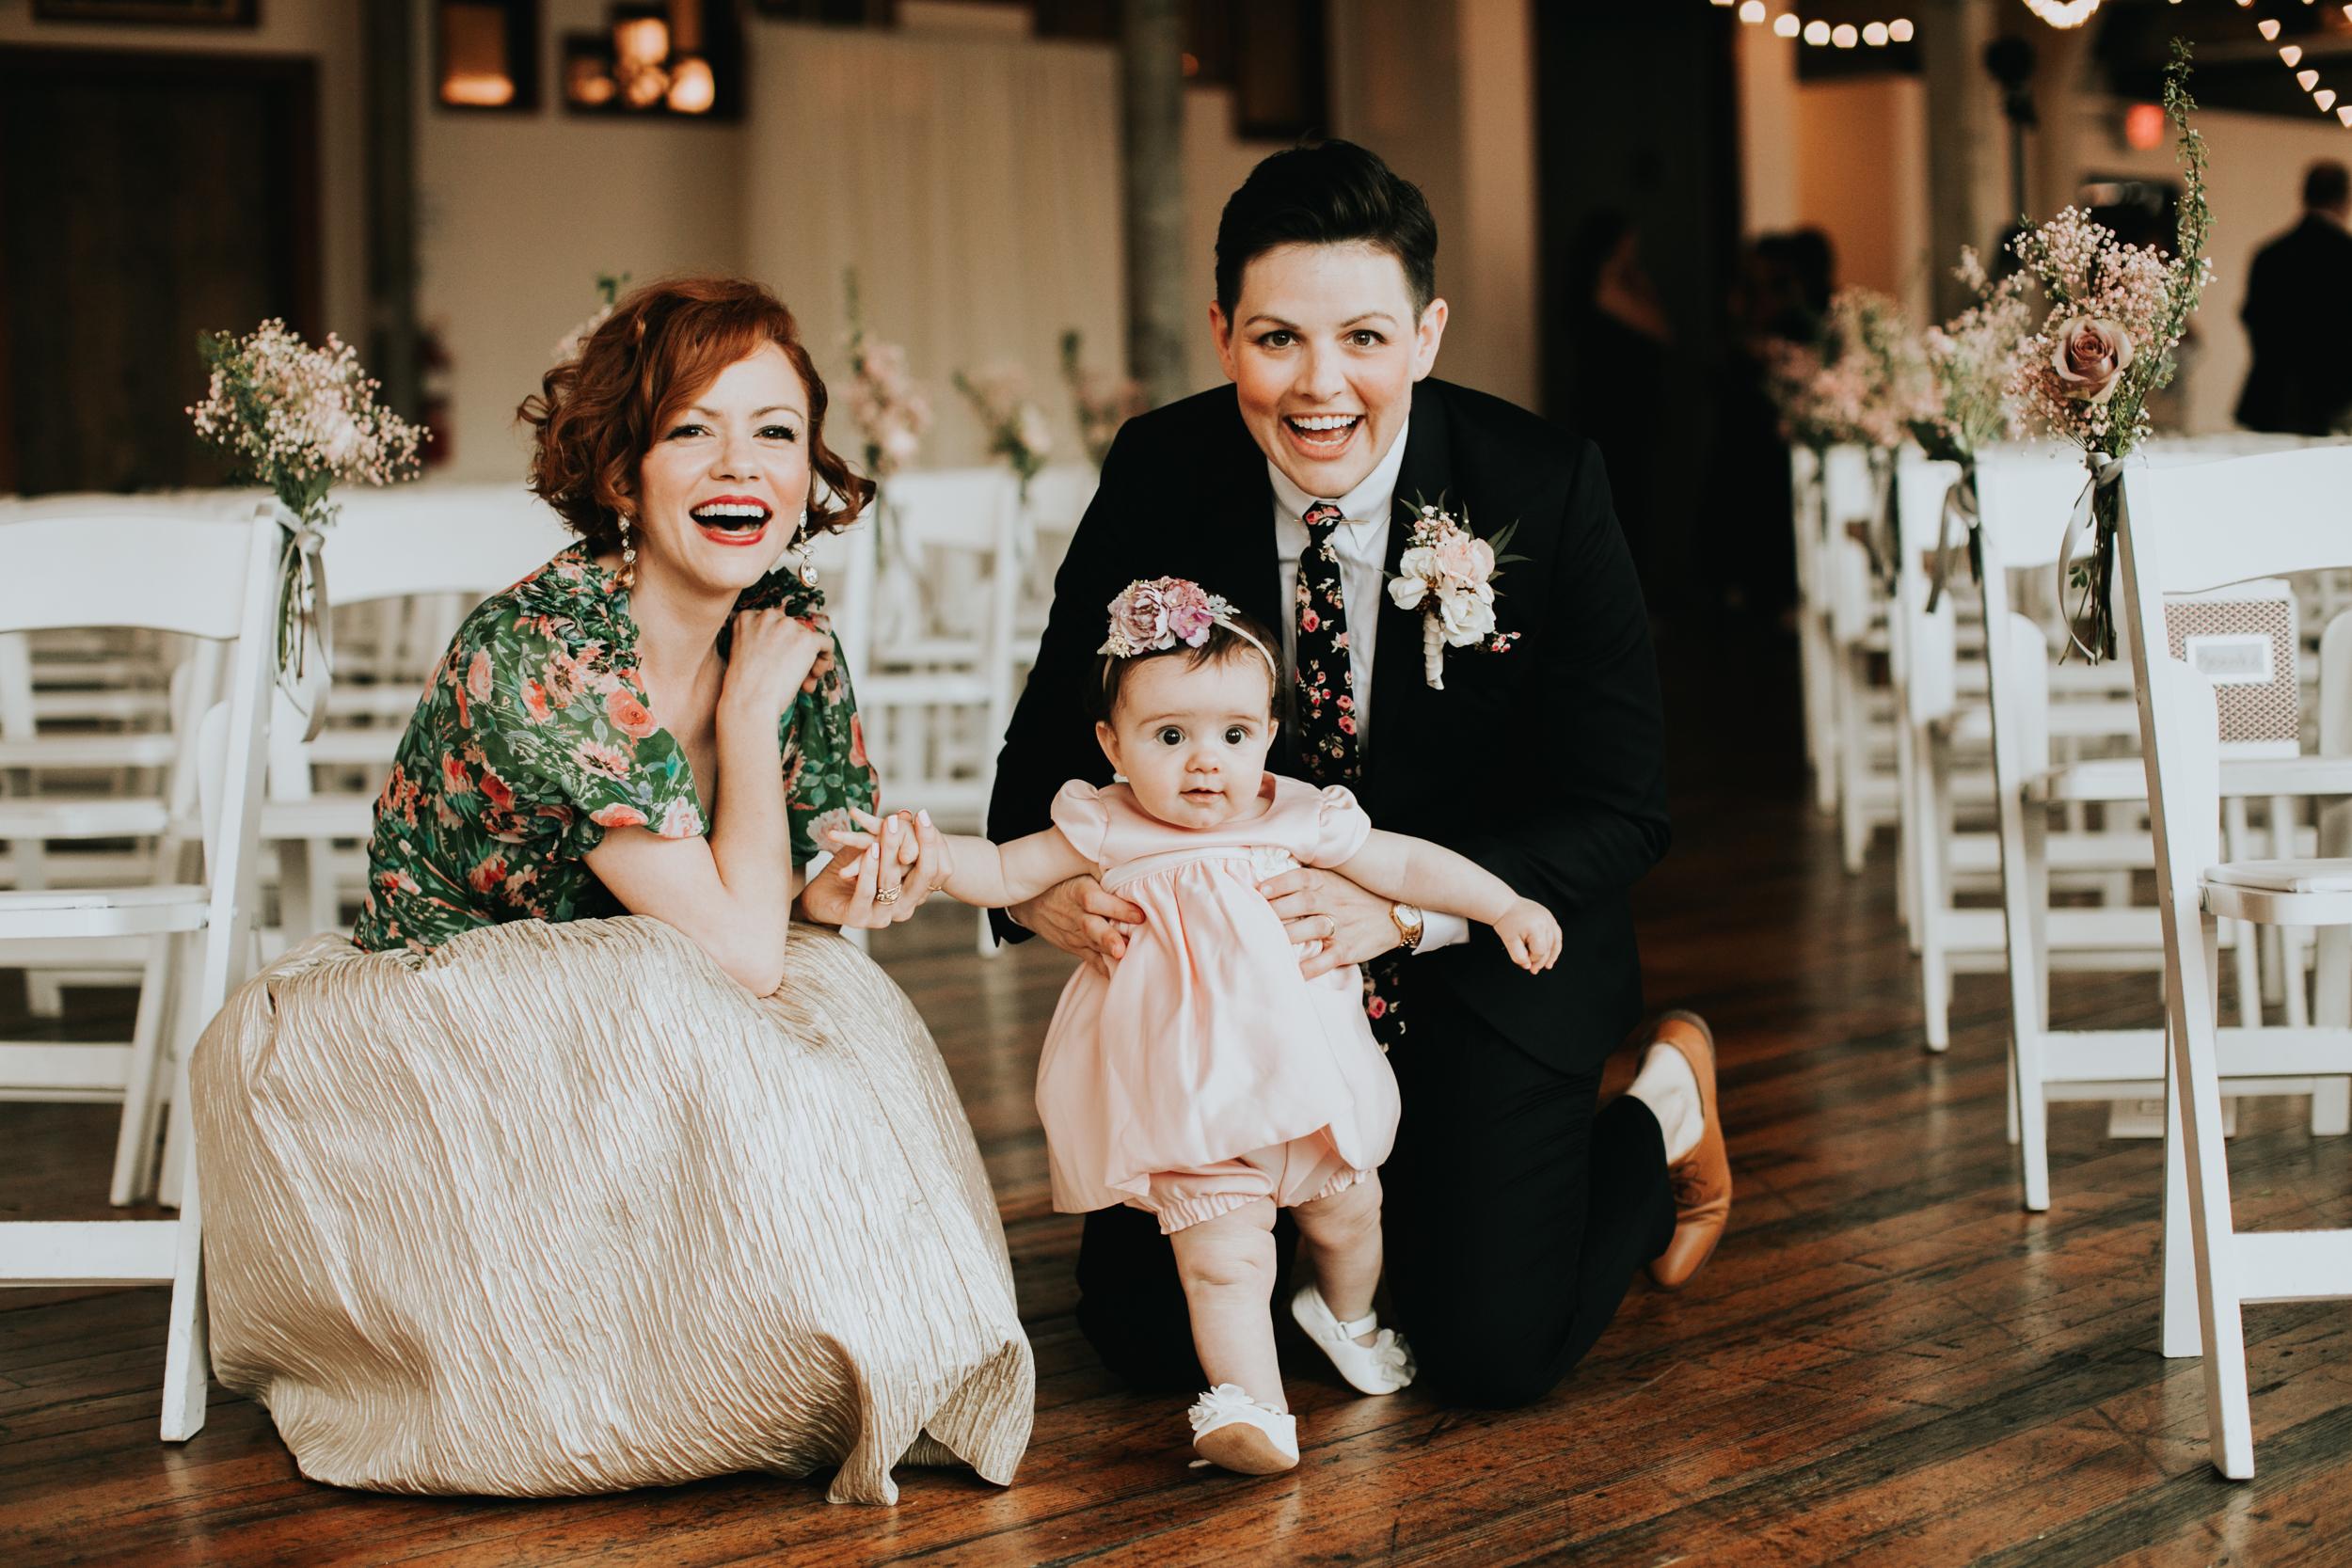 Britt and Scott Wedding Ceremony at The Bauer in Kansas City-32.jpg